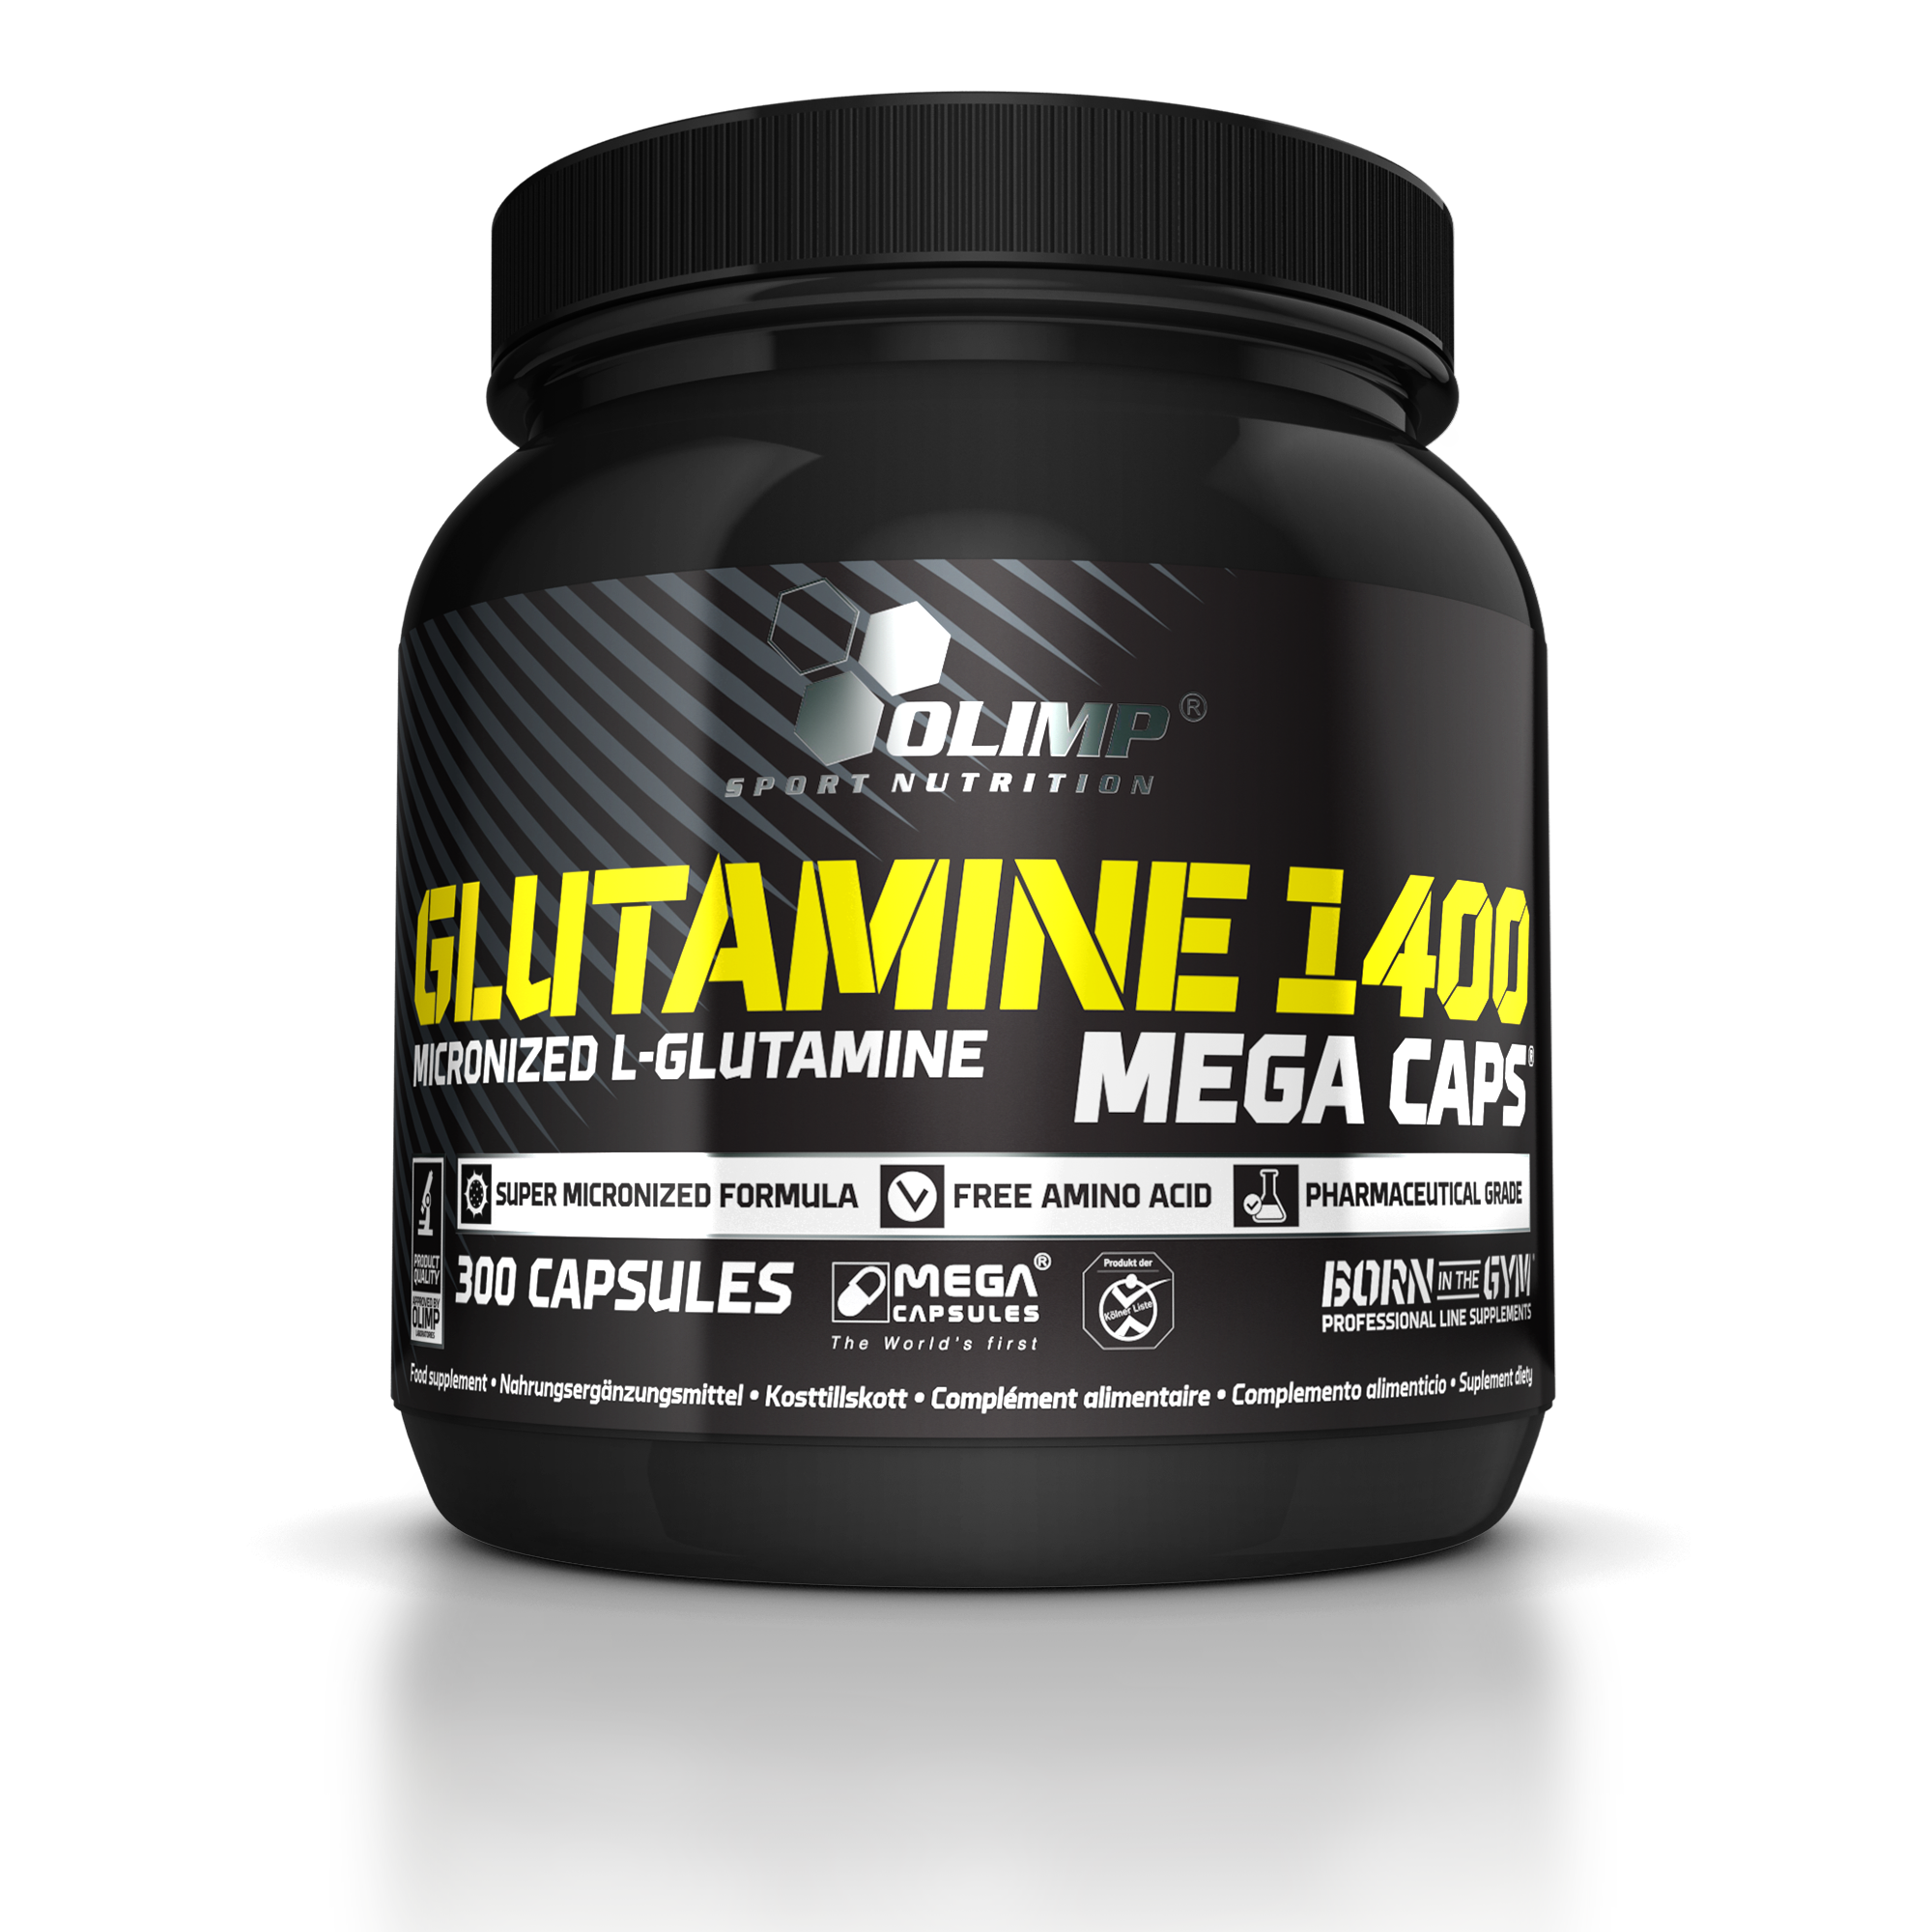 Glutamine Mega Caps 1400, 300 kapslí, Olimp